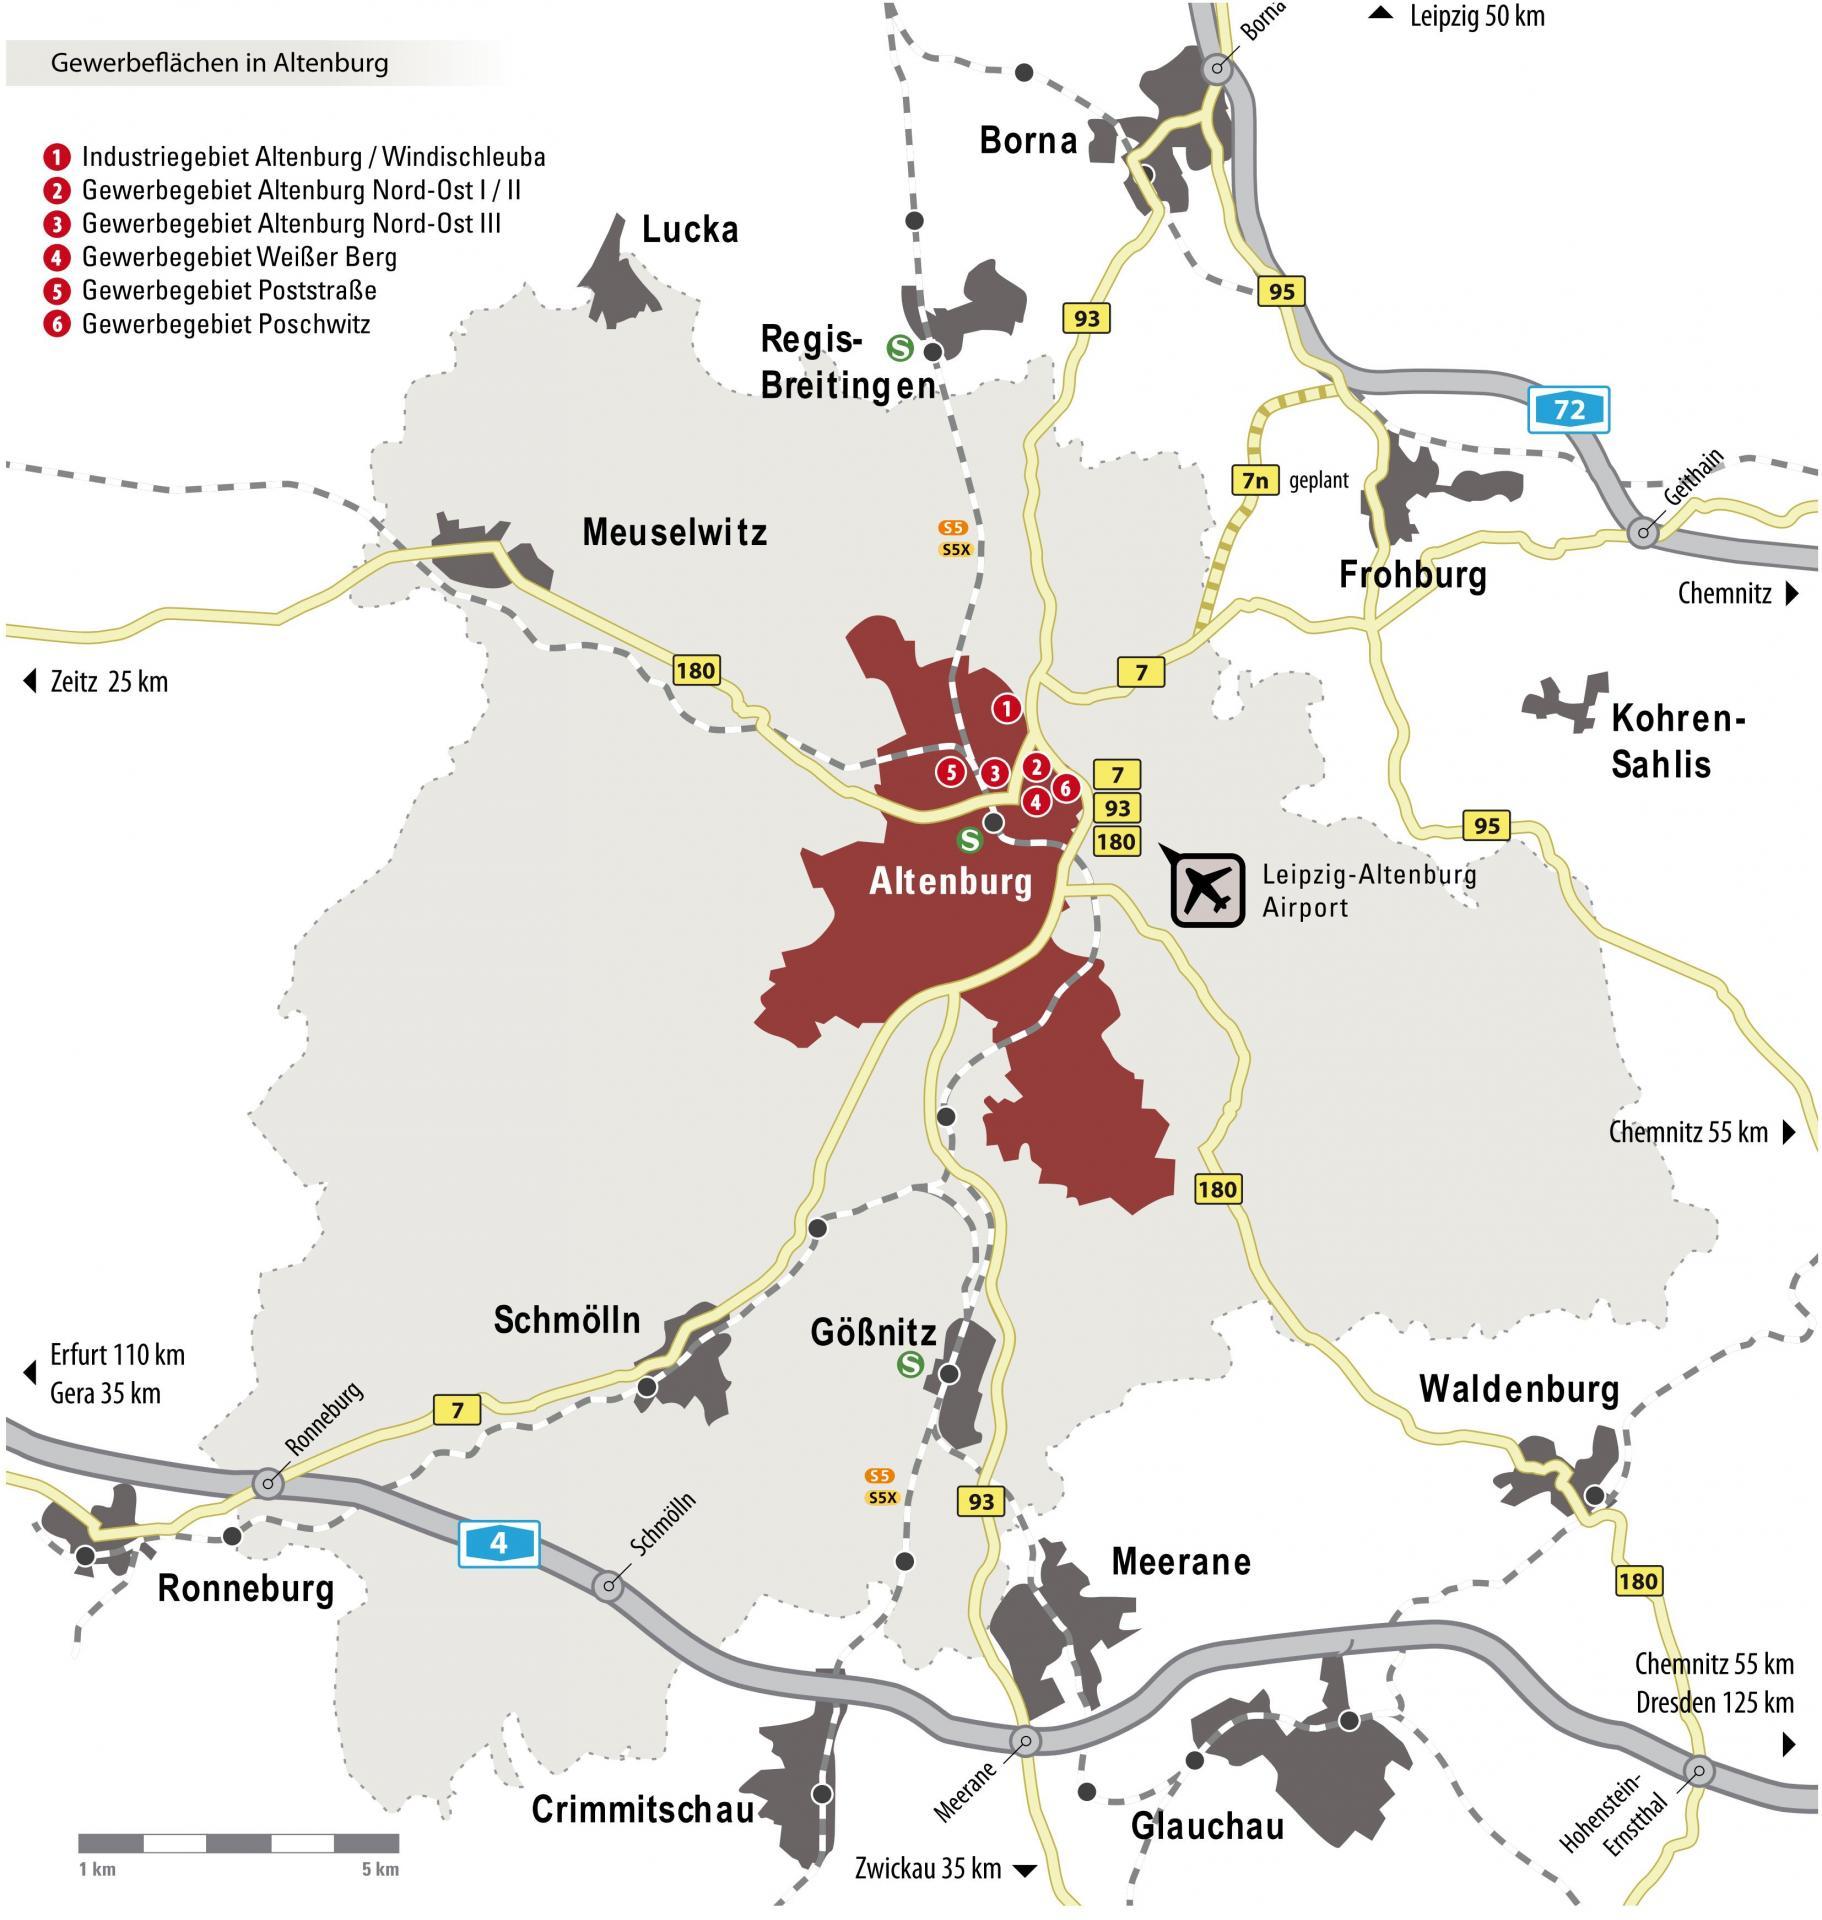 Altenburg Karte Gewerbegebiete